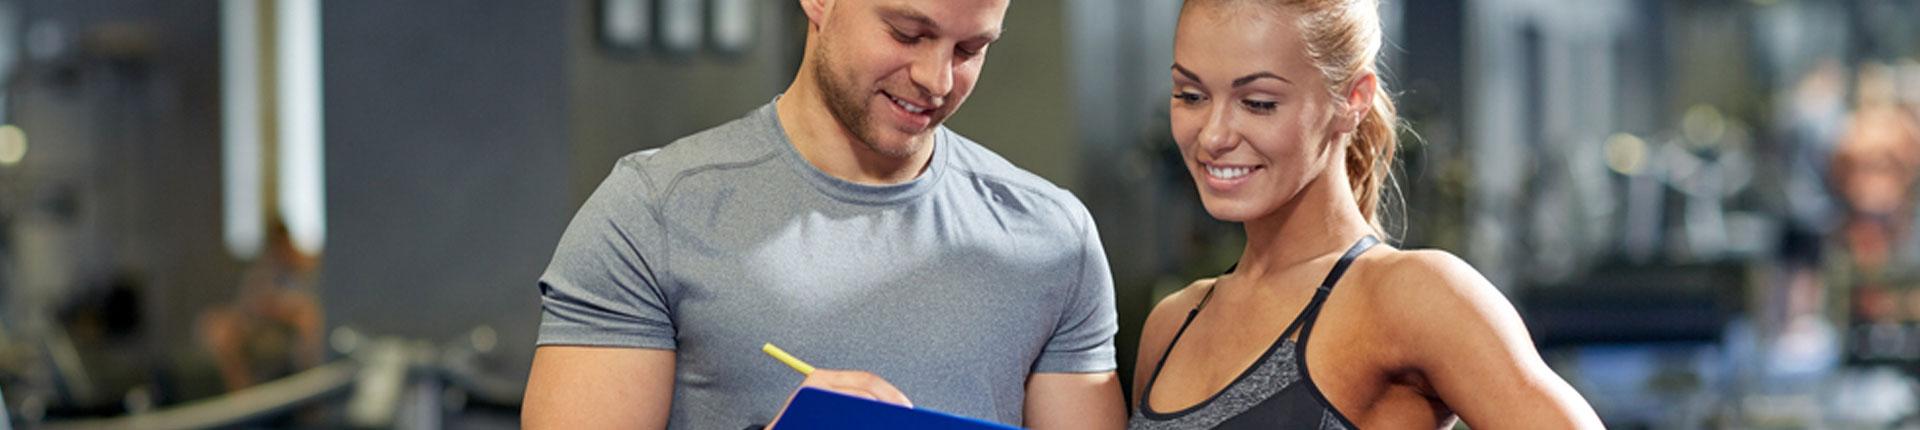 8 wskazówek pozwolą utrzymać formę i relacje z trenerem personalnym